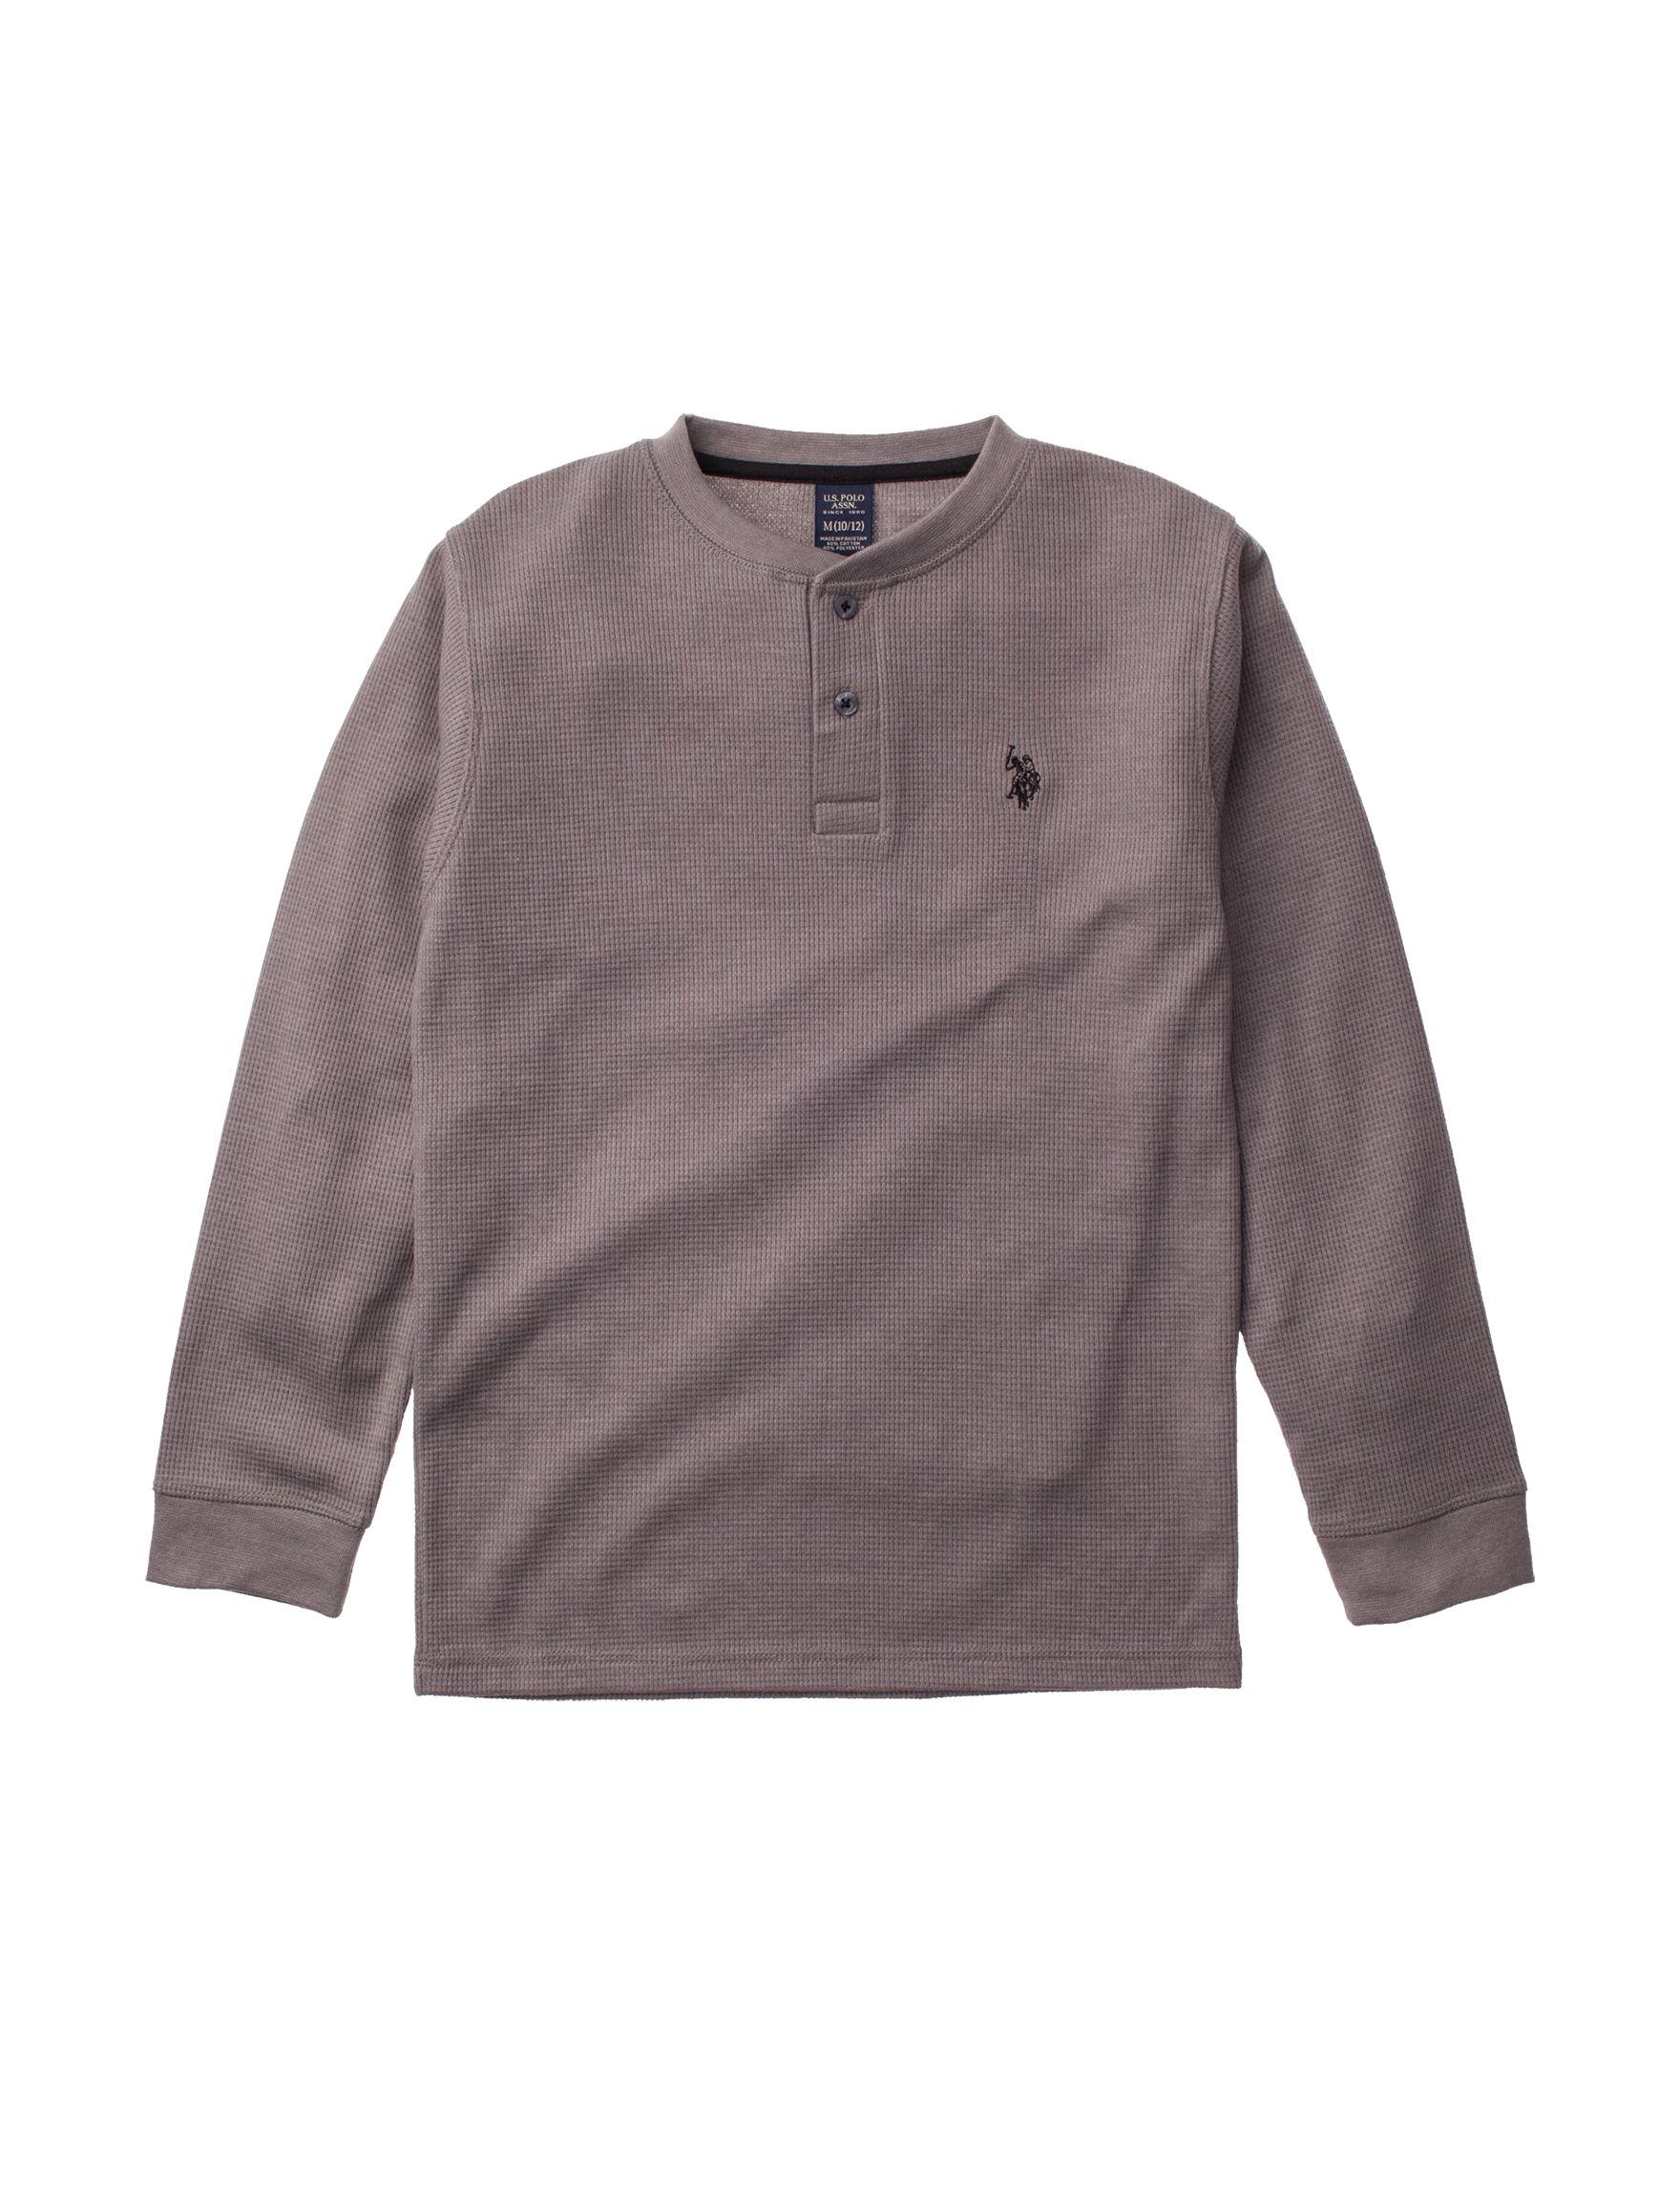 U.S. Polo Assn. Grey